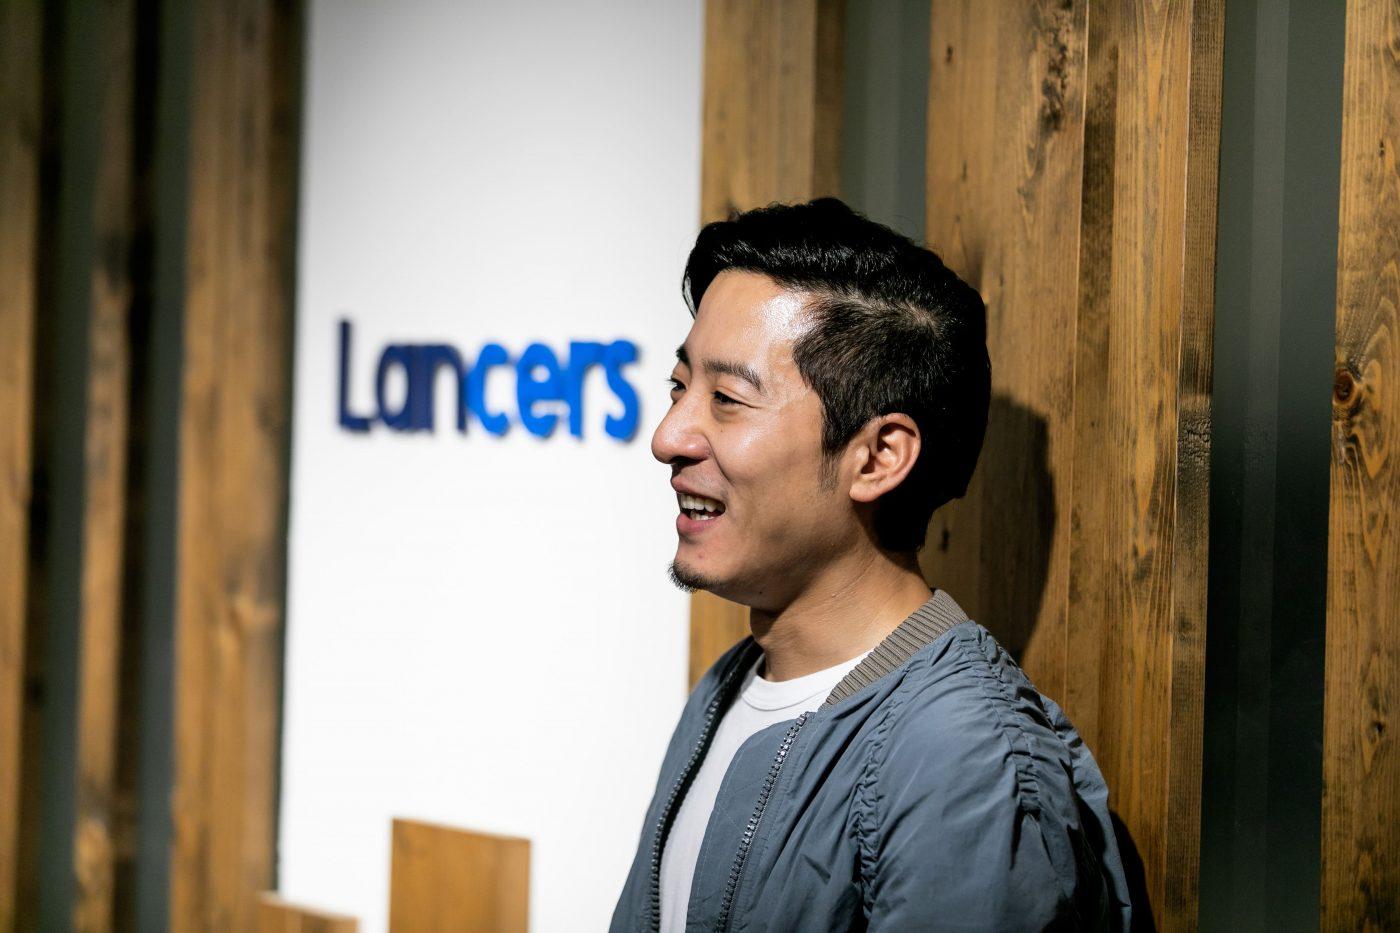 ■秋好陽介(あきよし・ようすけ)Lancers代表取締役社長 インタビュー クラウドソーシング